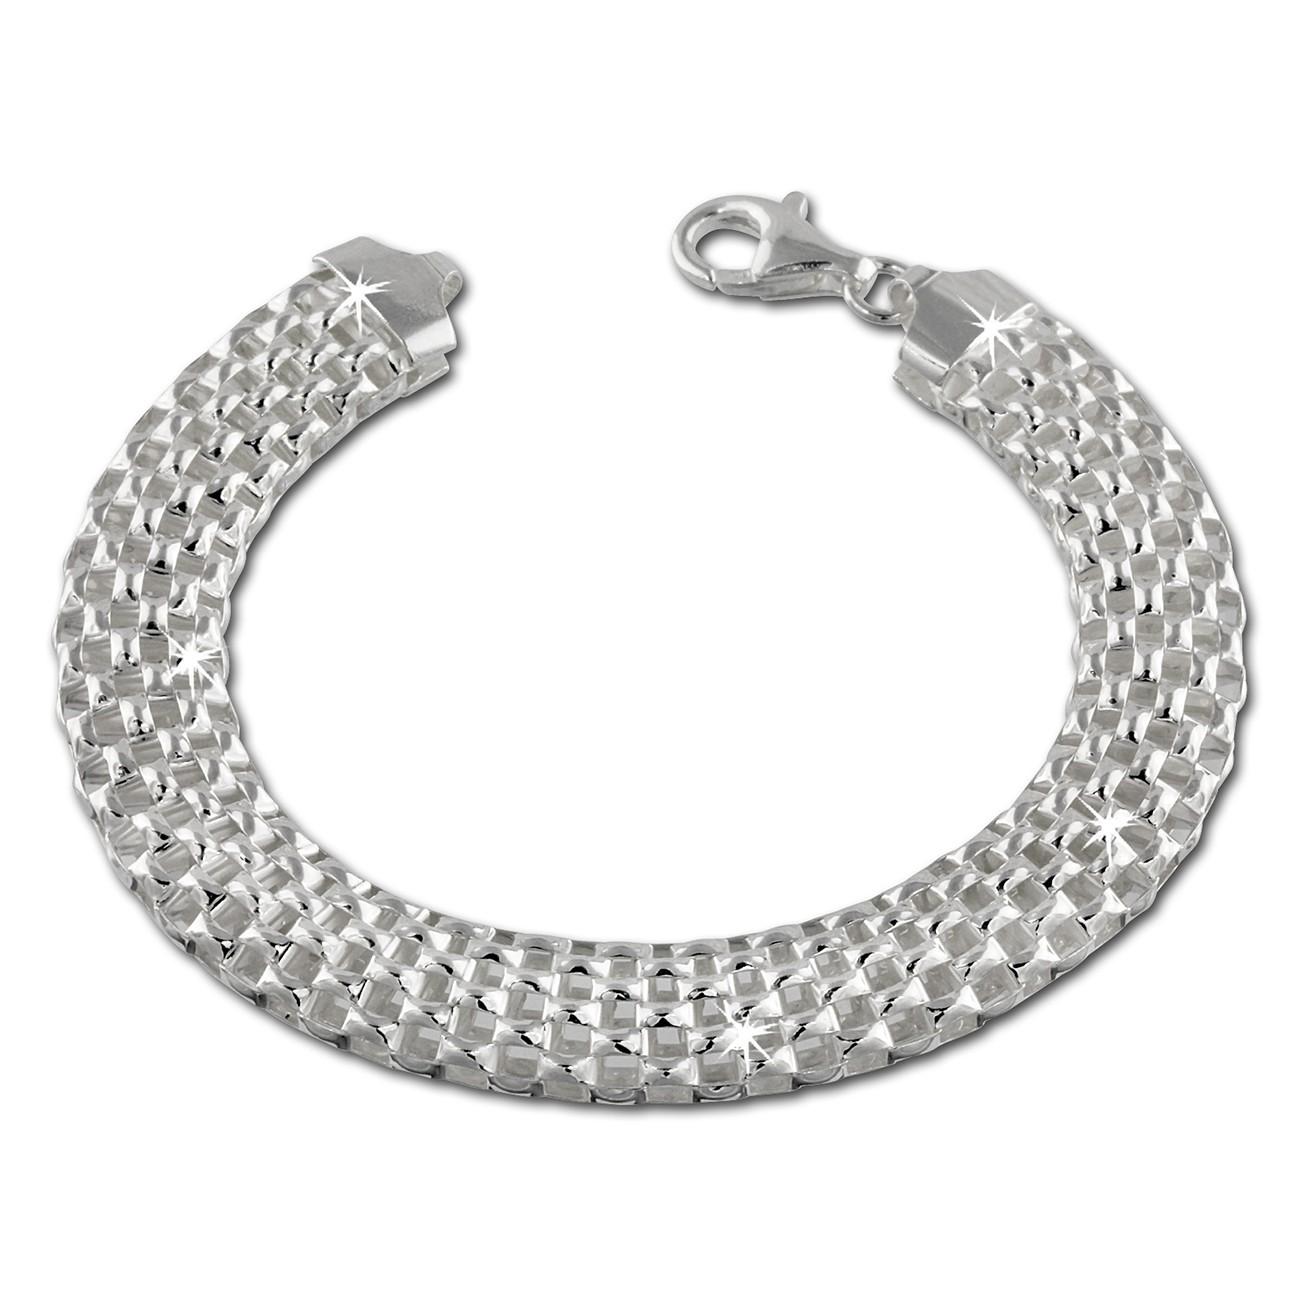 SilberDream Armband Geflecht 925 Sterling Silber Damen 20cm SDA2010J